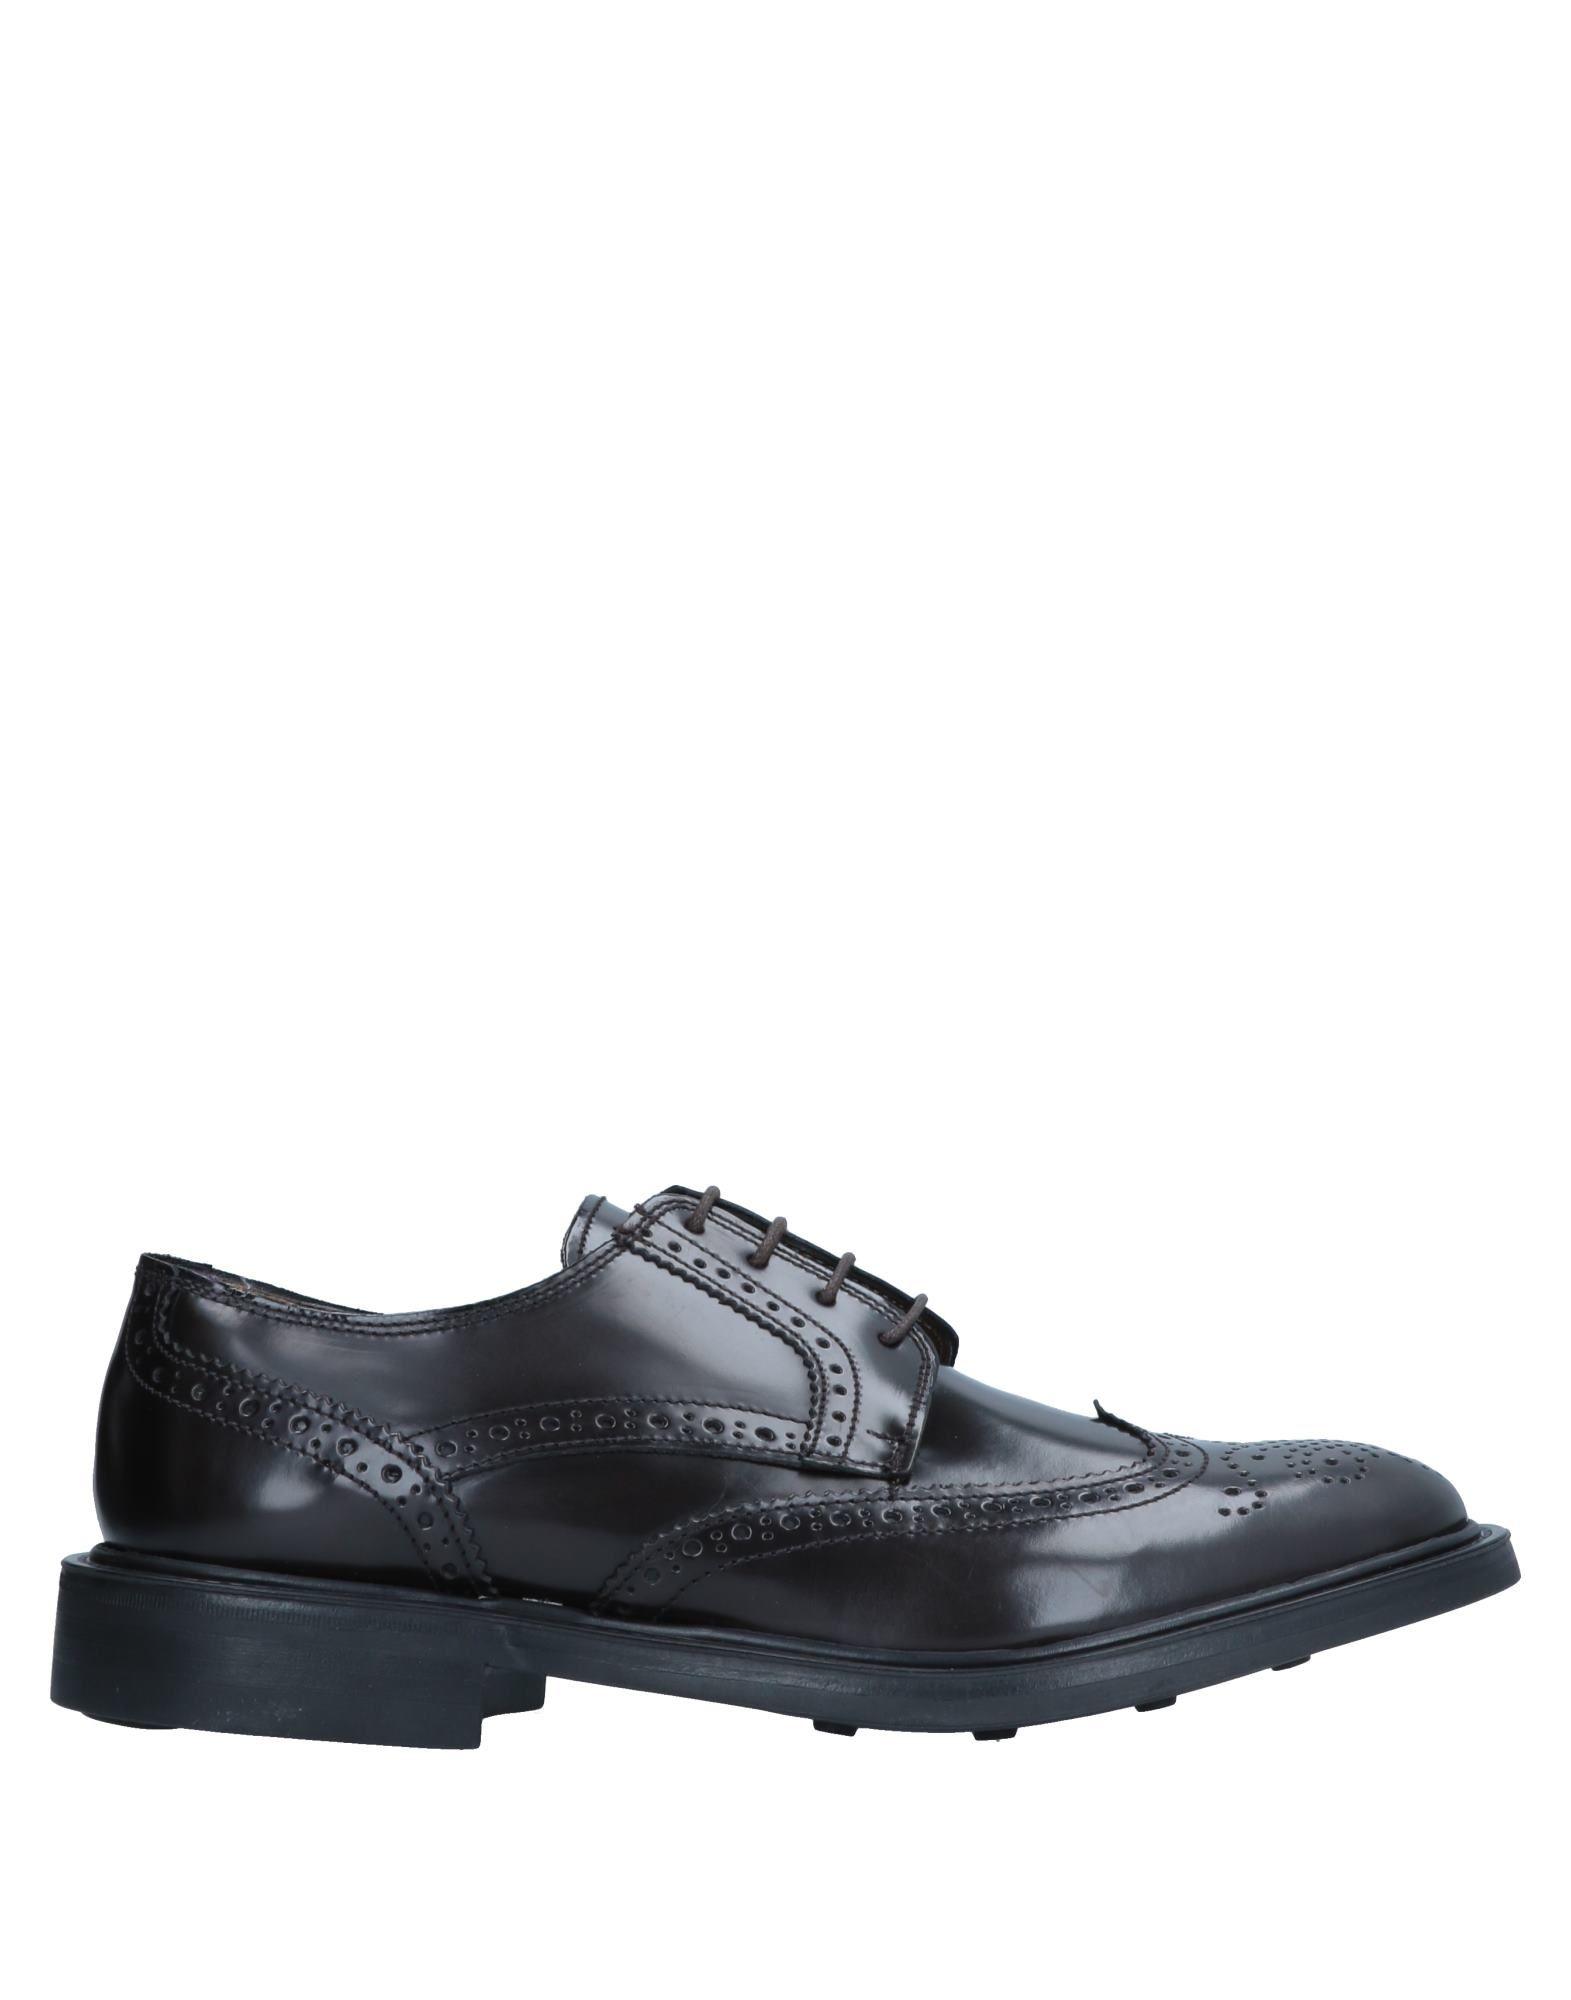 Devon Schnürschuhe Herren  11551143TN Gute Qualität beliebte Schuhe